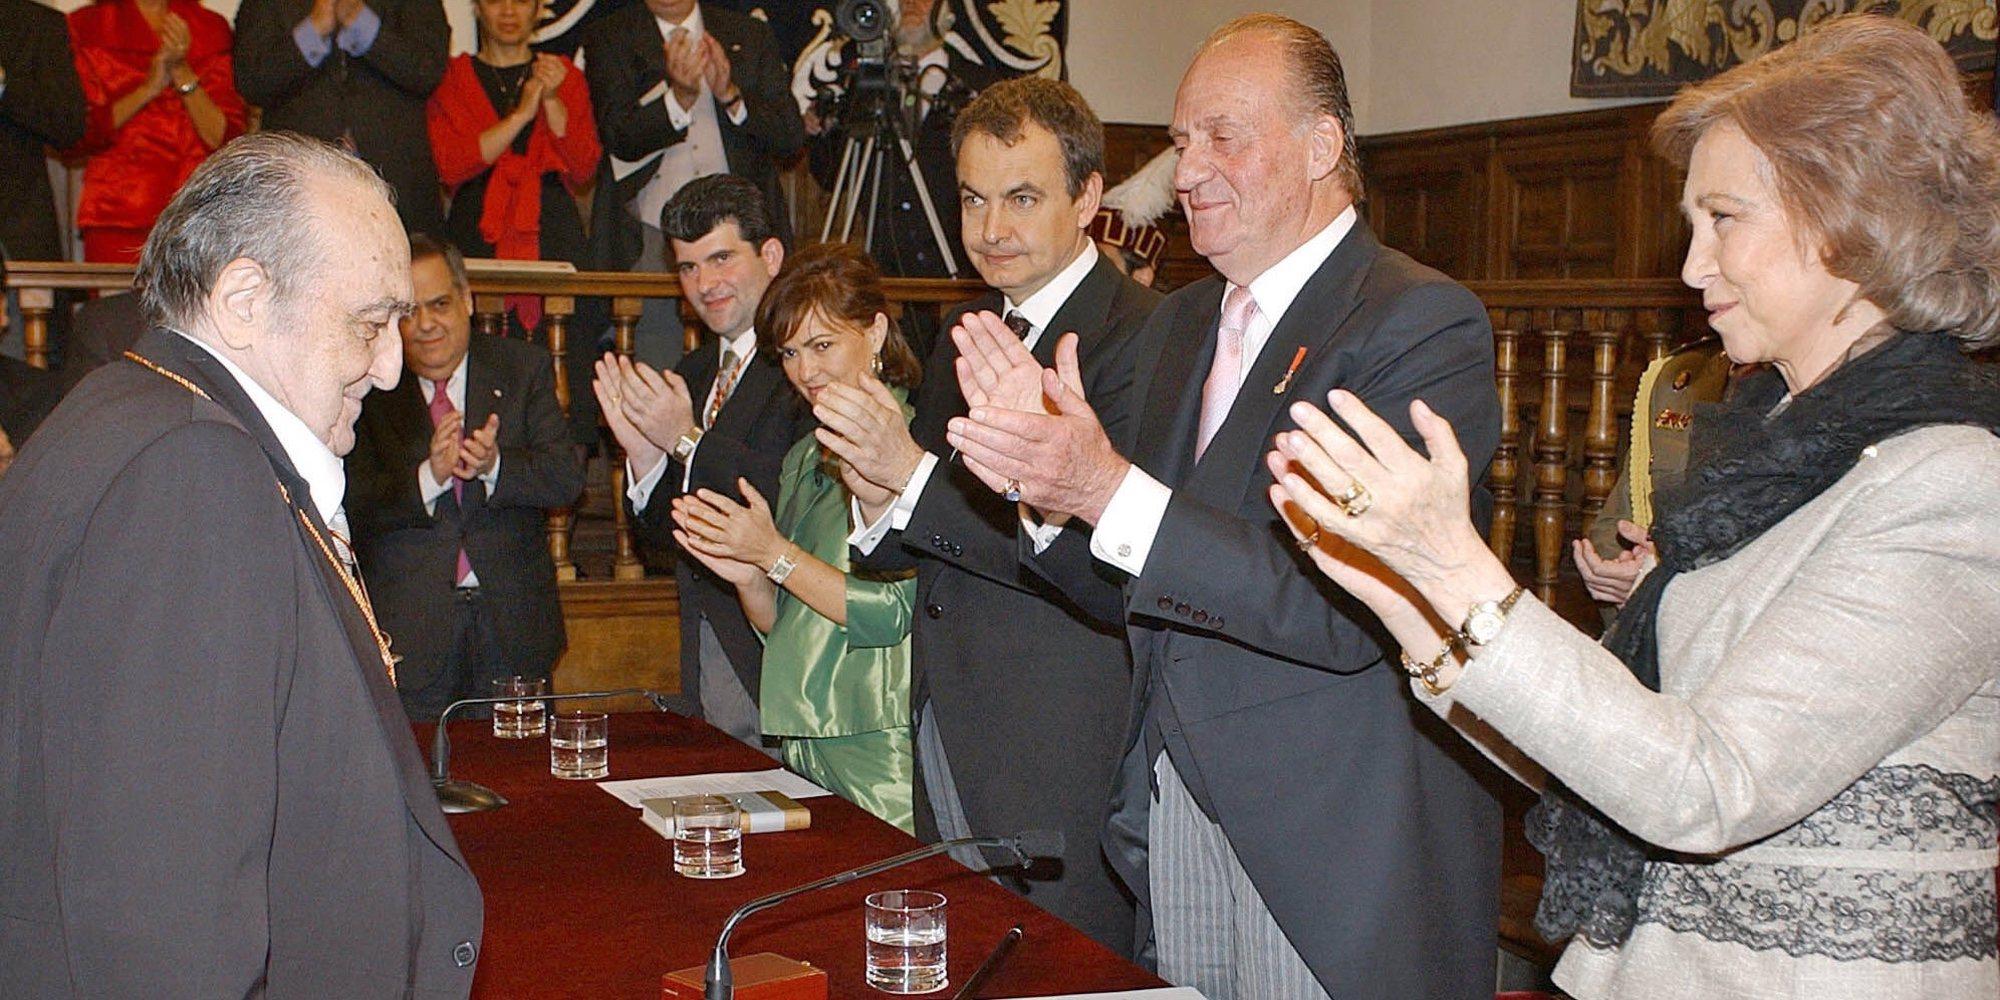 Muere Rafael Sánchez Ferlosio a los 91 años en Madrid